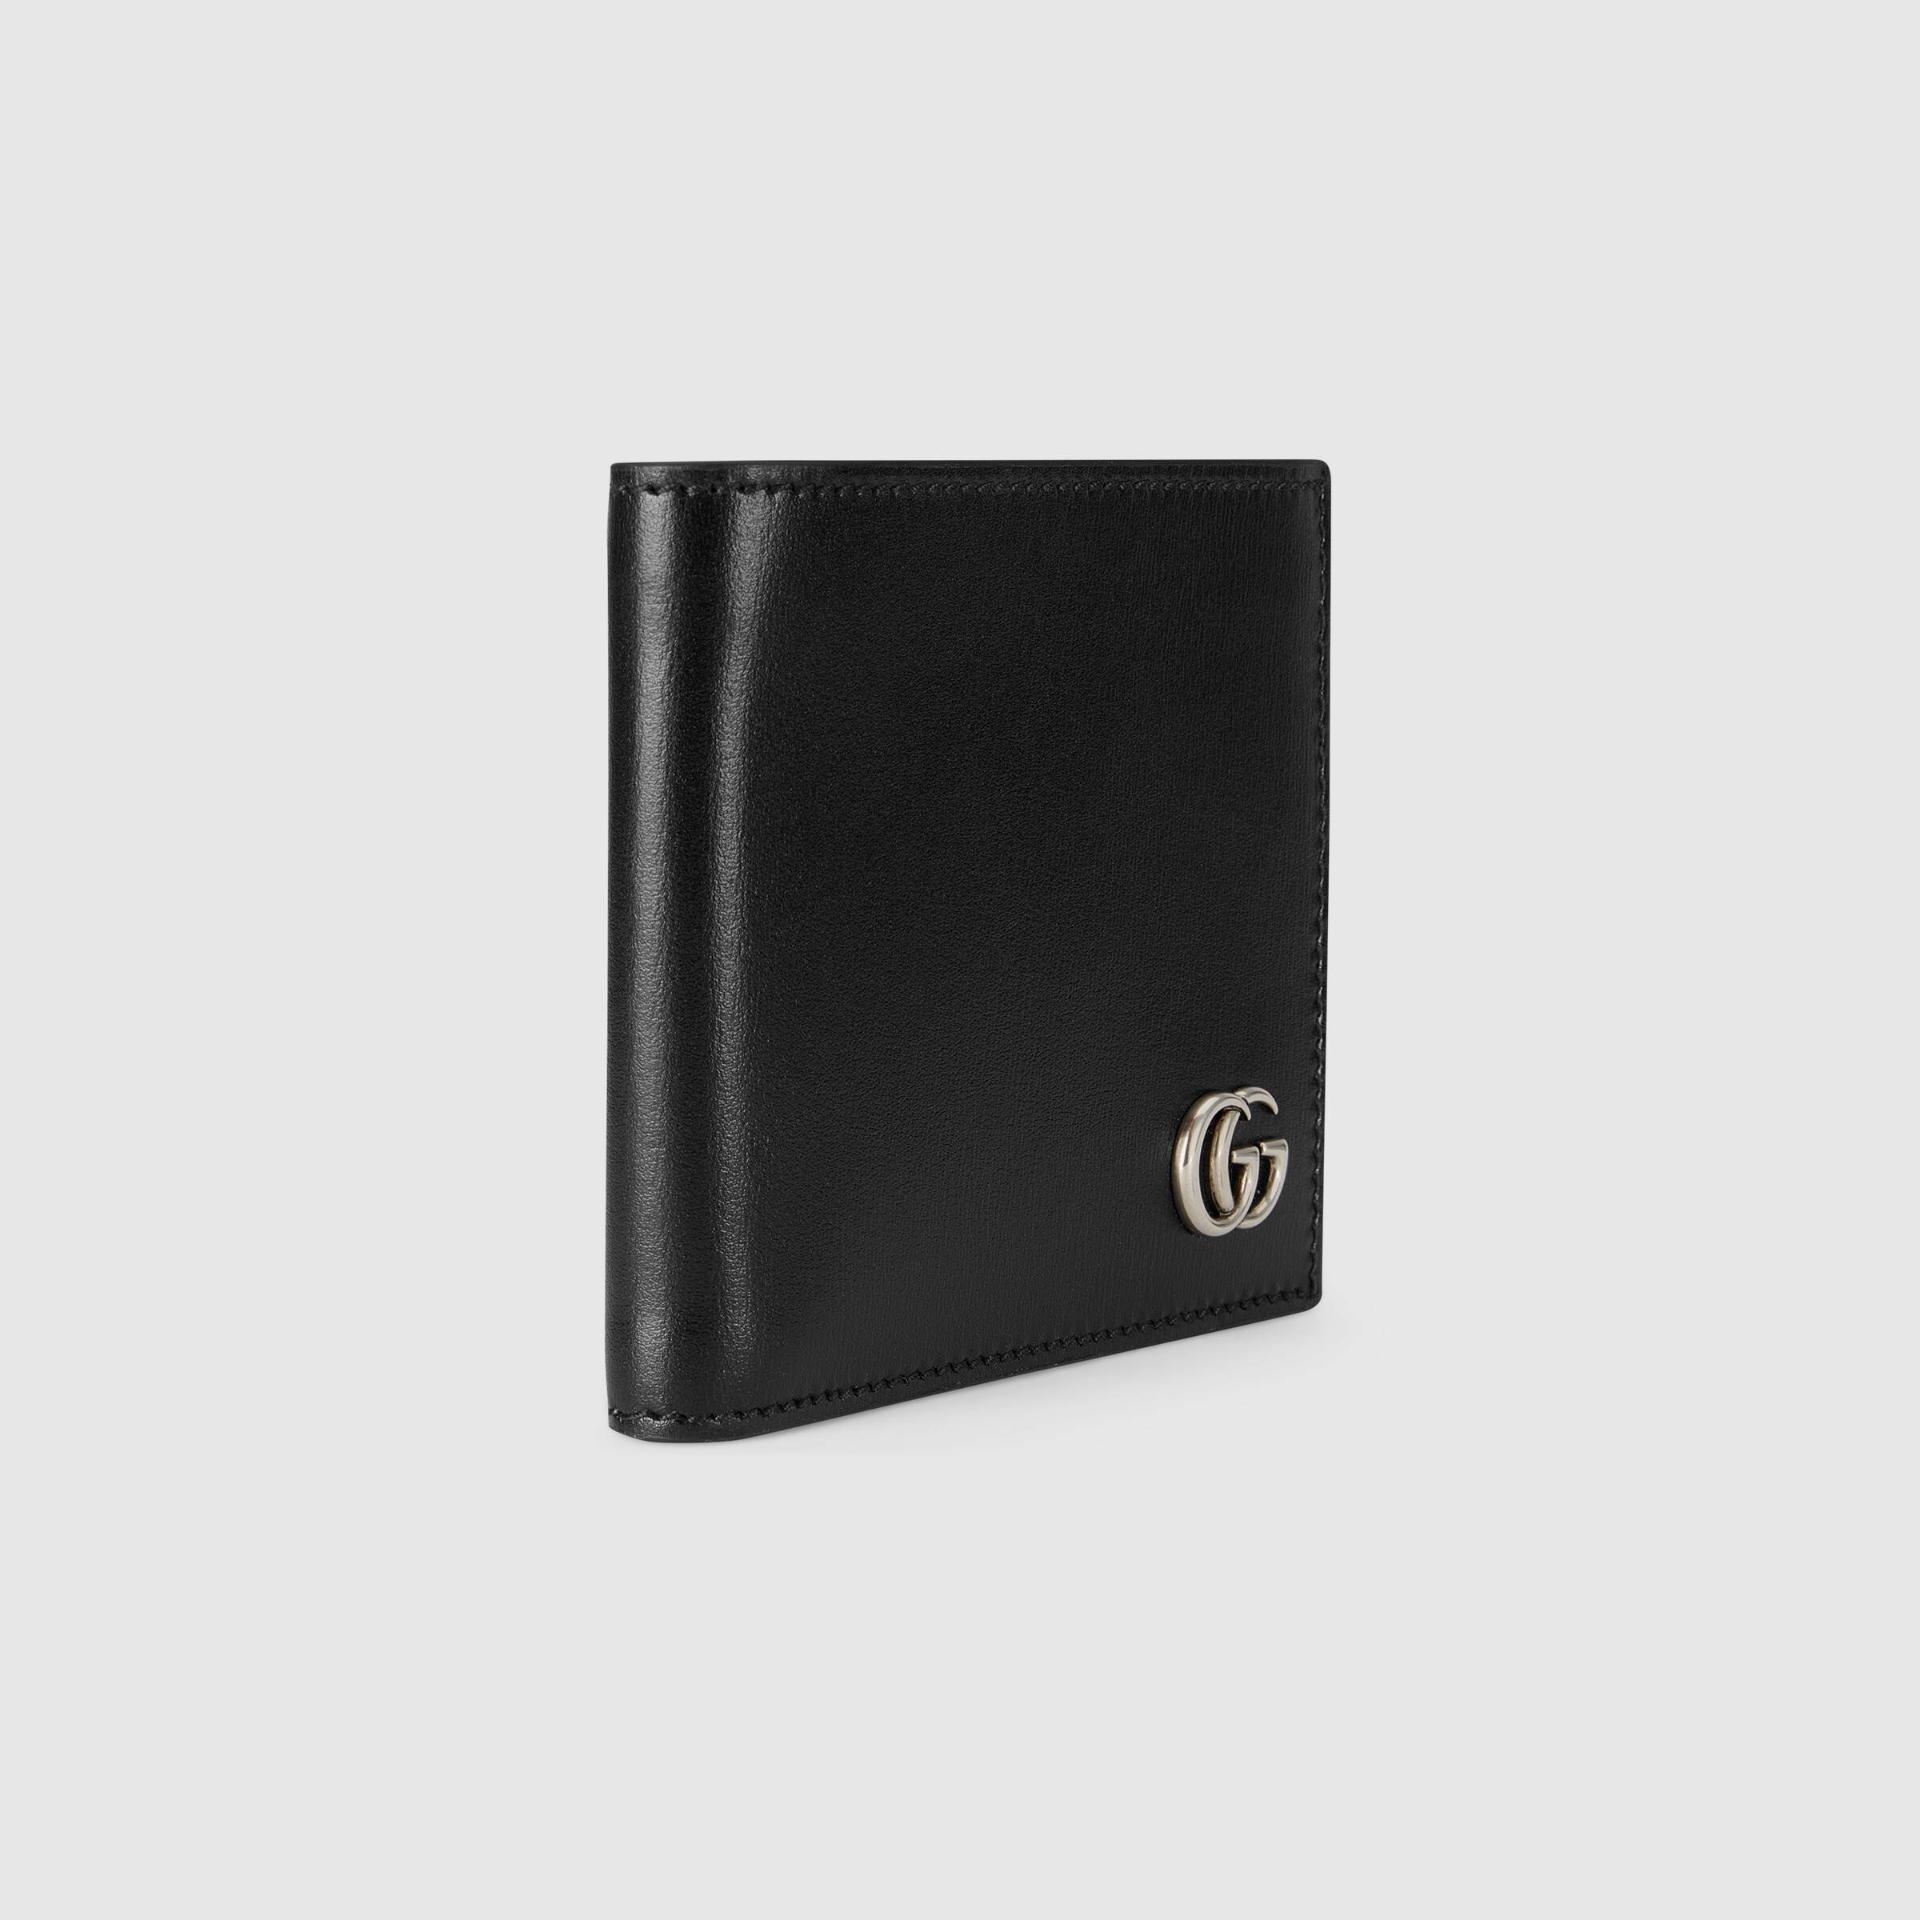 유럽직배송 구찌 GUCCI Gucci GG Marmont leather bi-fold wallet 4287260YK0N1000